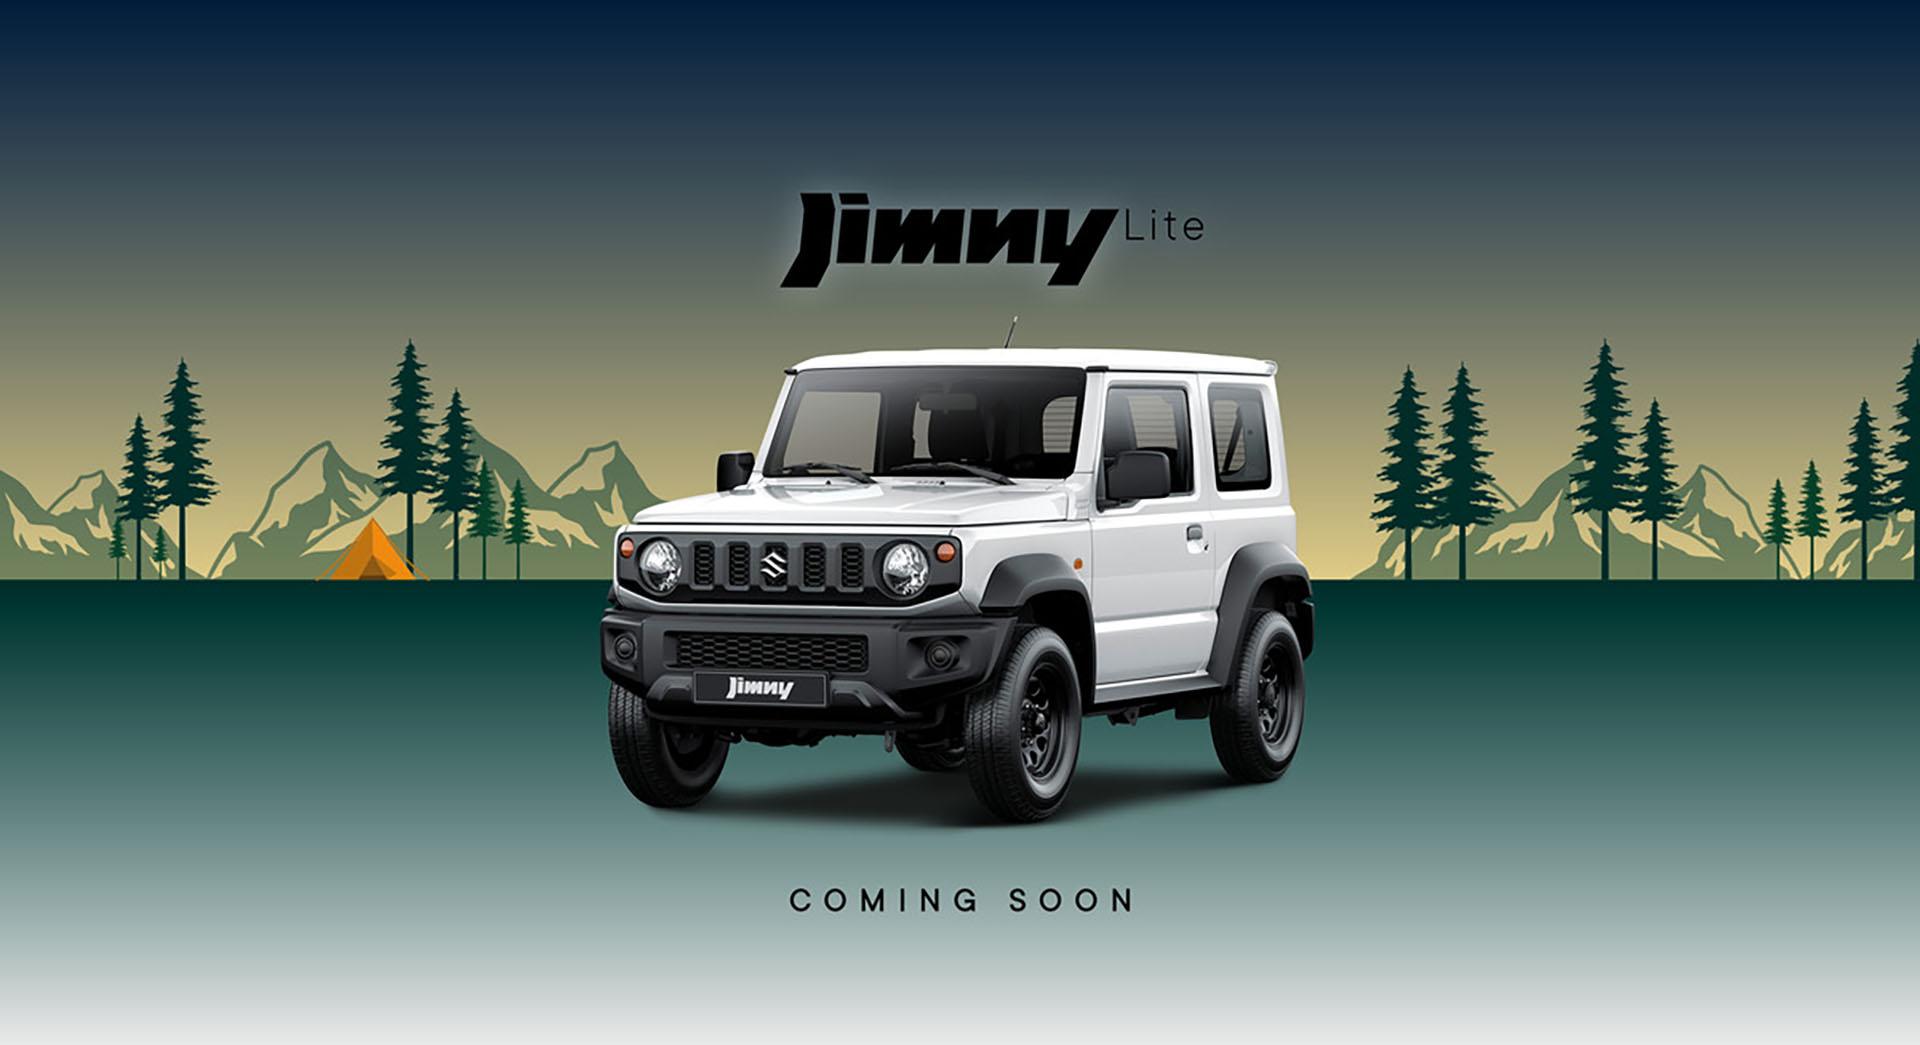 Suzuki jimmy lite 1920X1045 july21